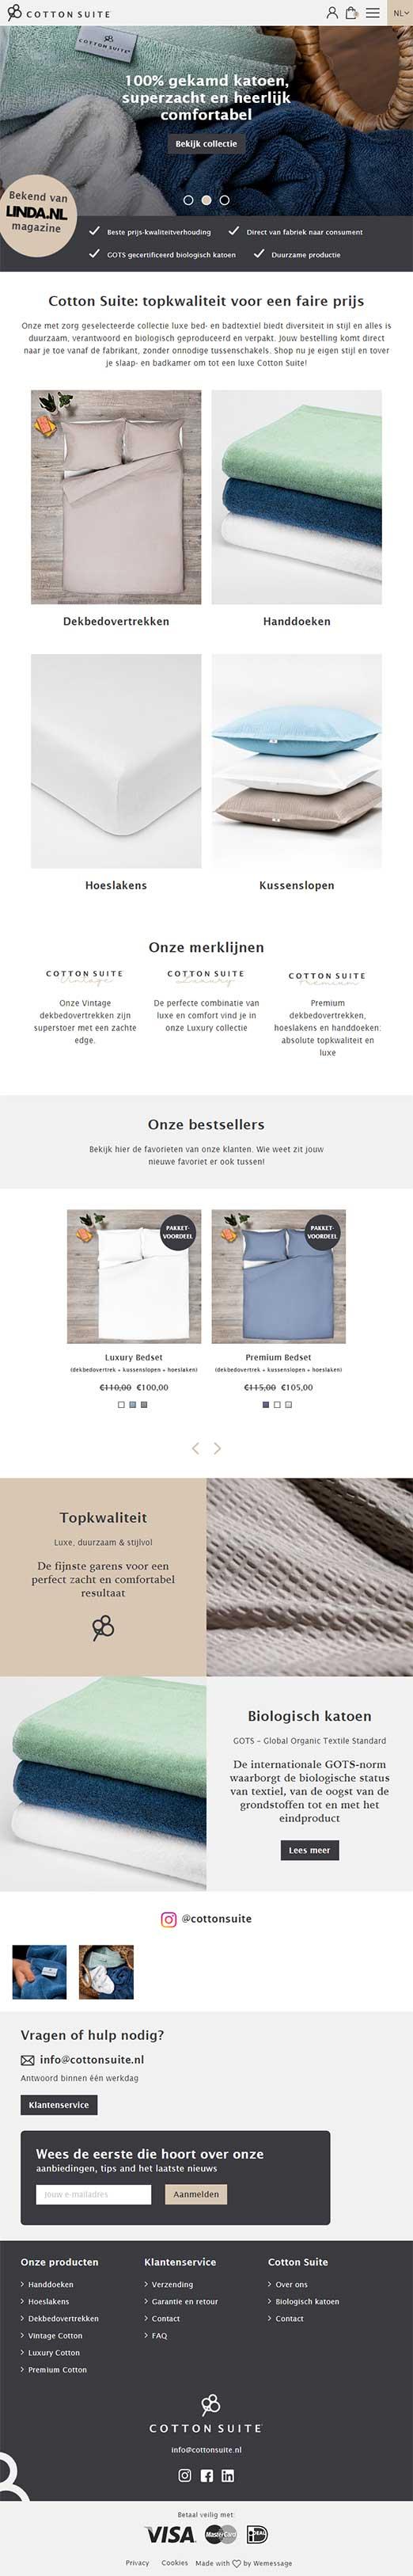 Cotton Suite website voorbeeld op tablets